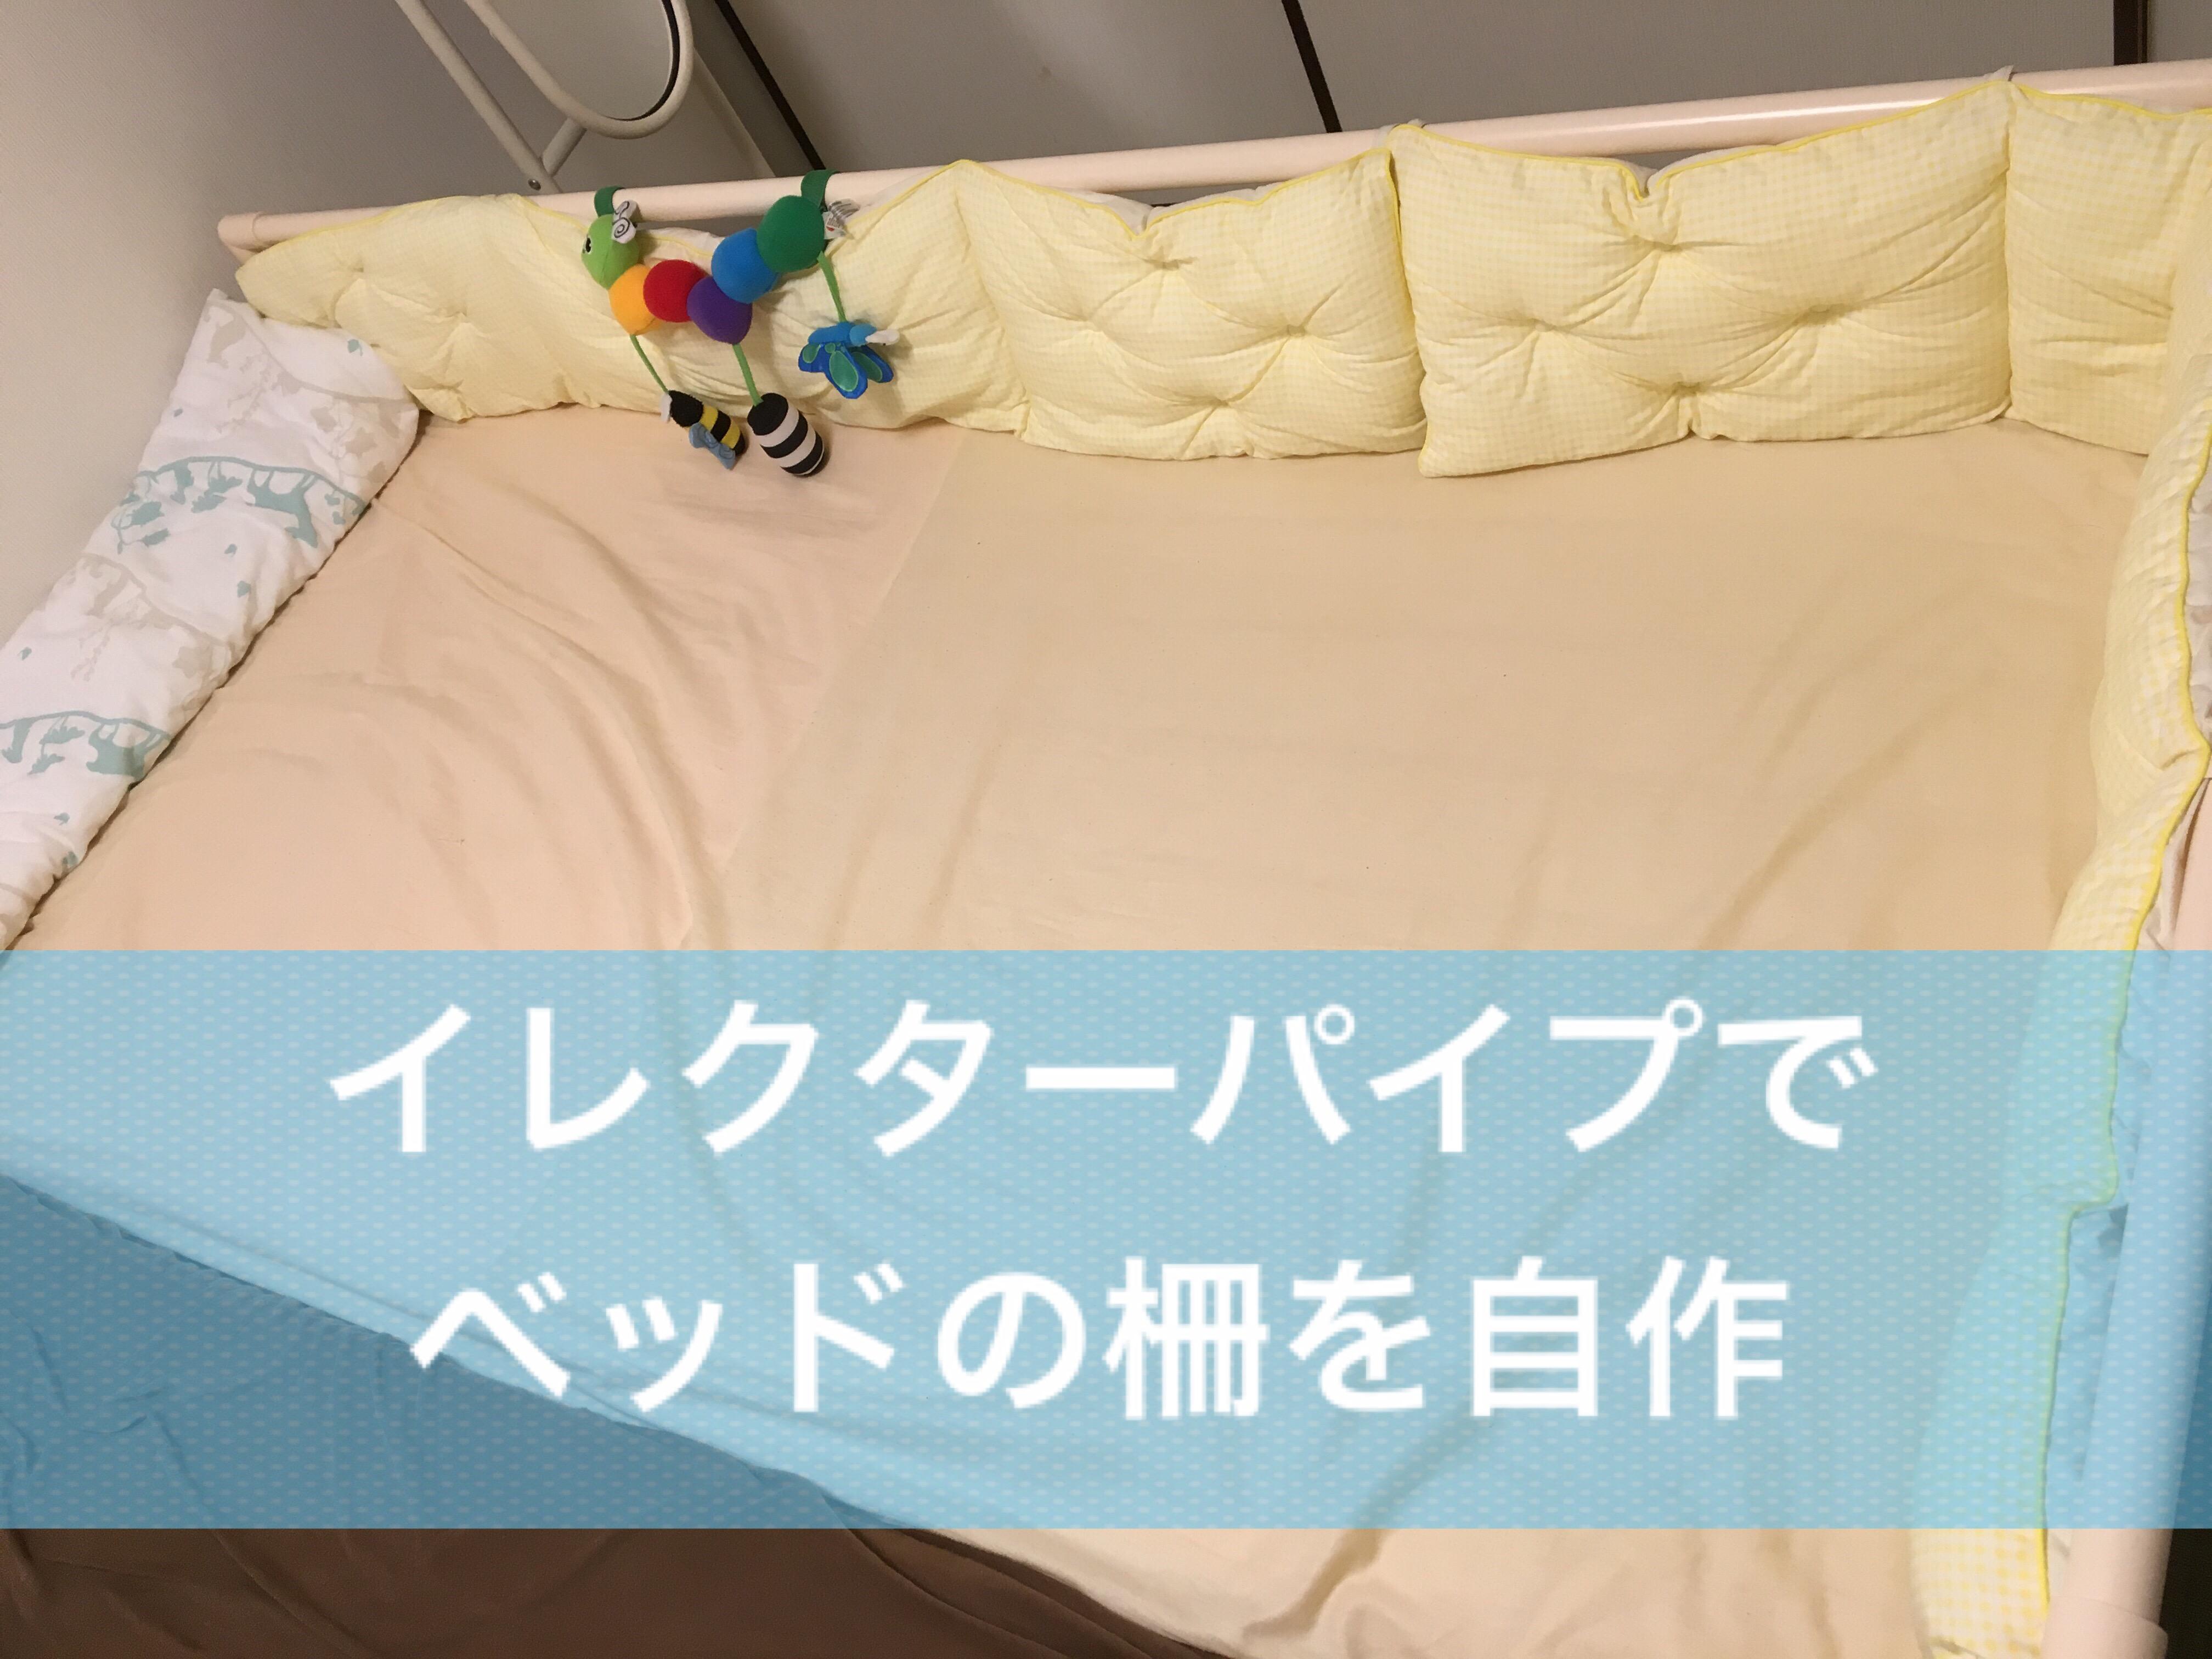 【DIY】イレクターパイプでベッドの柵を自作した話